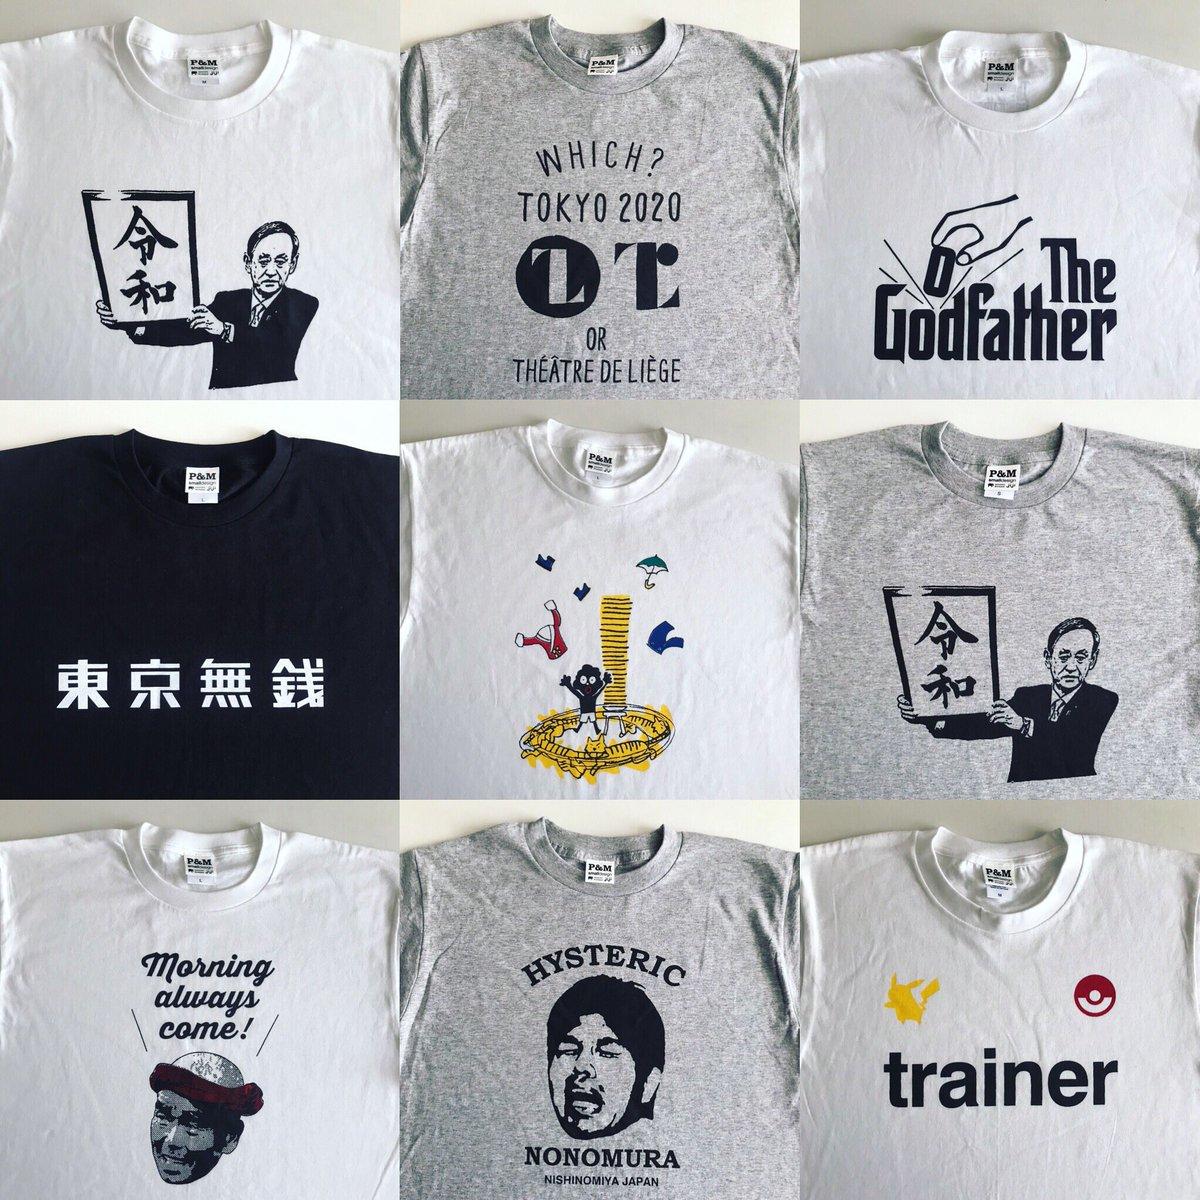 test ツイッターメディア - 今日のプリント。あと20日で!#令和、東京五輪盗作エンブレム、GoodFather、東京無銭、ちびくろさんぼは黒人差別じゃない!、尾畠さん、#HYSTERIC 野々村@兵庫、ポケモントレーナー。#大分、#島根、#東京、#渋谷、#八王子 に発送しました。#吉祥寺 #Tシャツ #ピーアンドエム #jijit #smalldesign https://t.co/NYDegemyzi